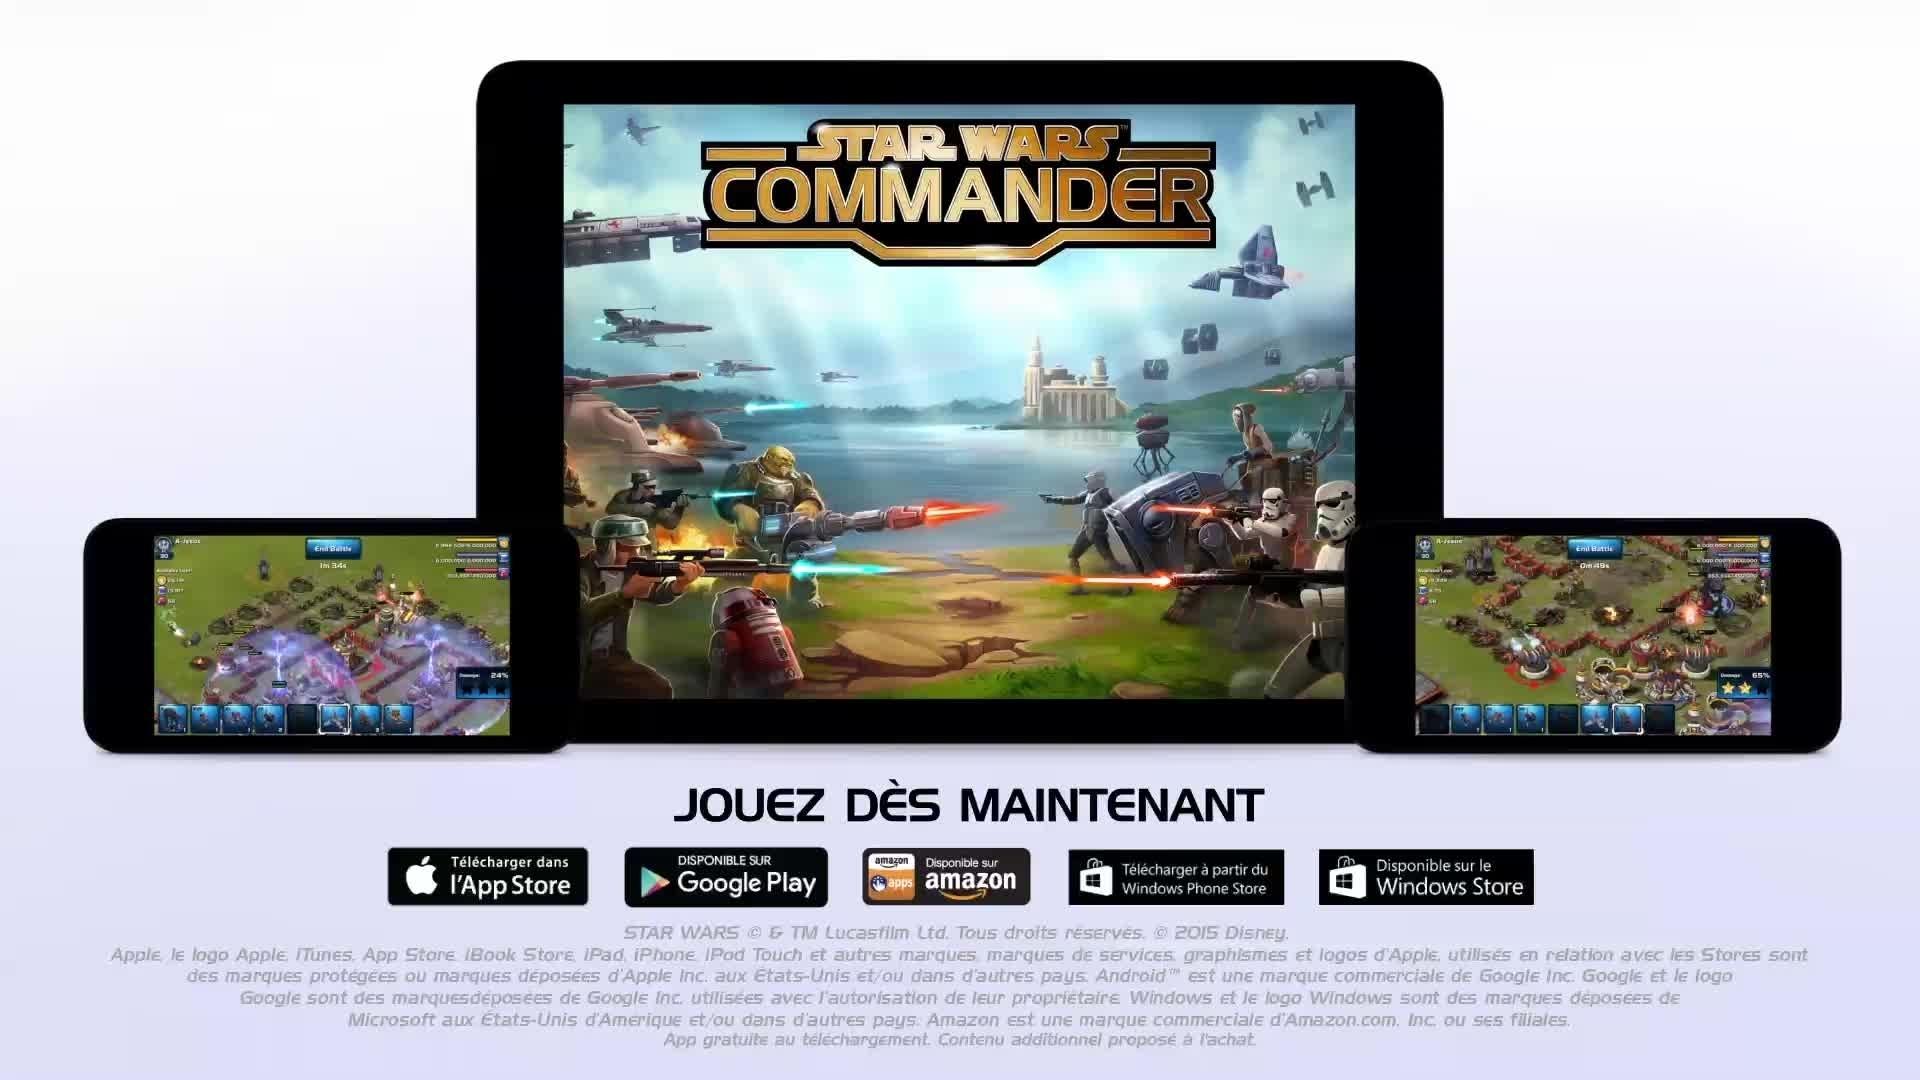 Star Wars : Commander - Bande-annonce